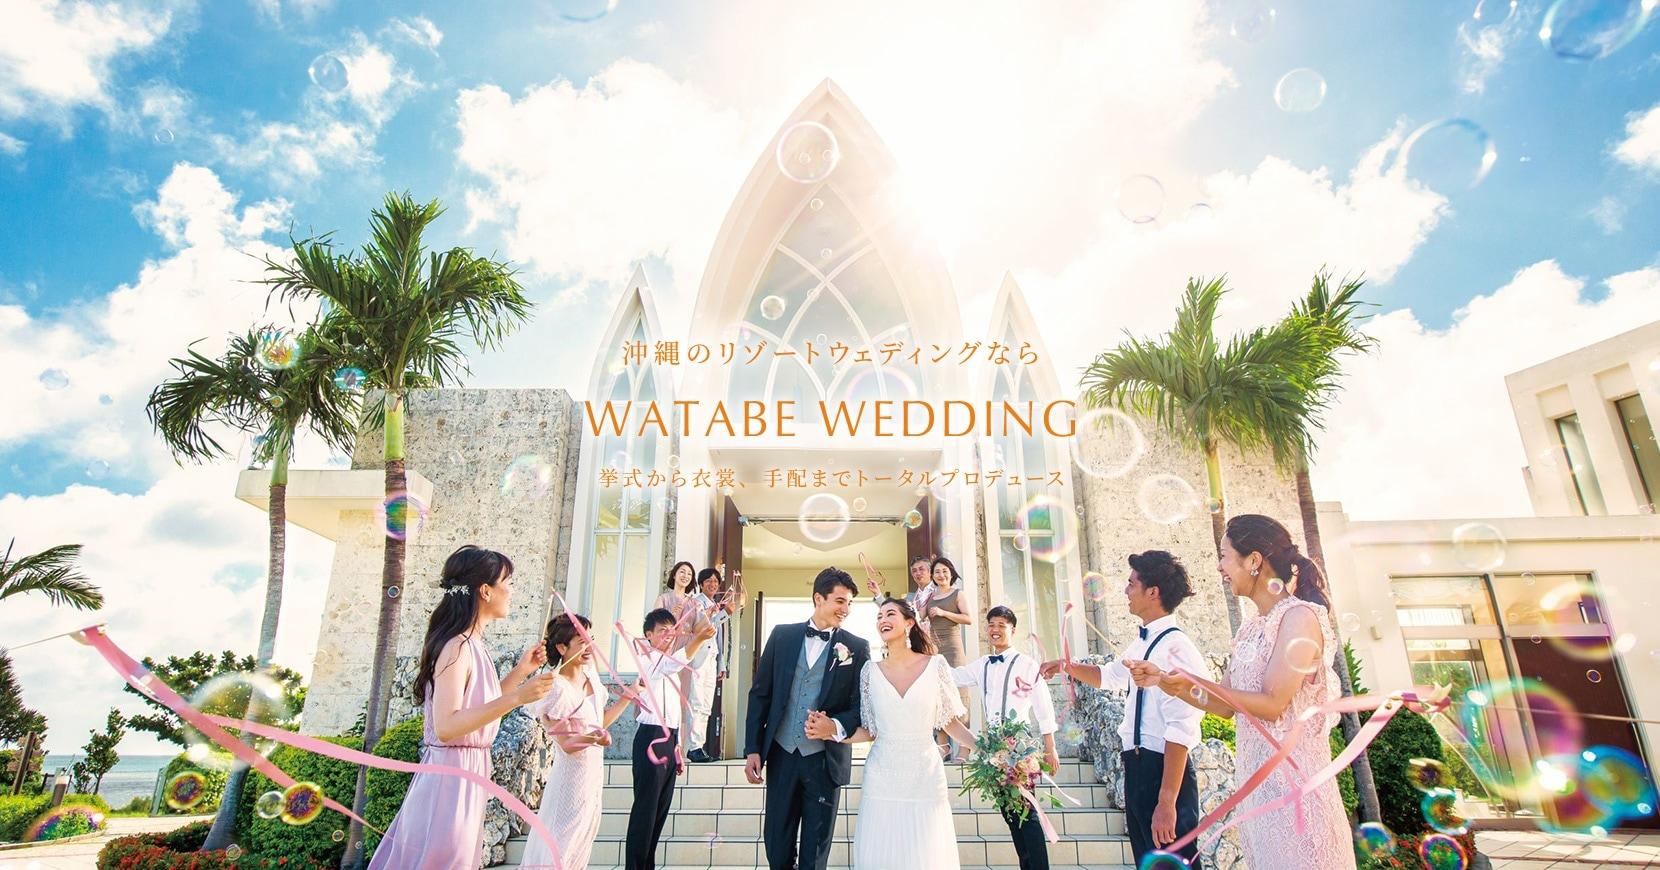 沖縄のリゾートウェディングならWATABE WEDDING